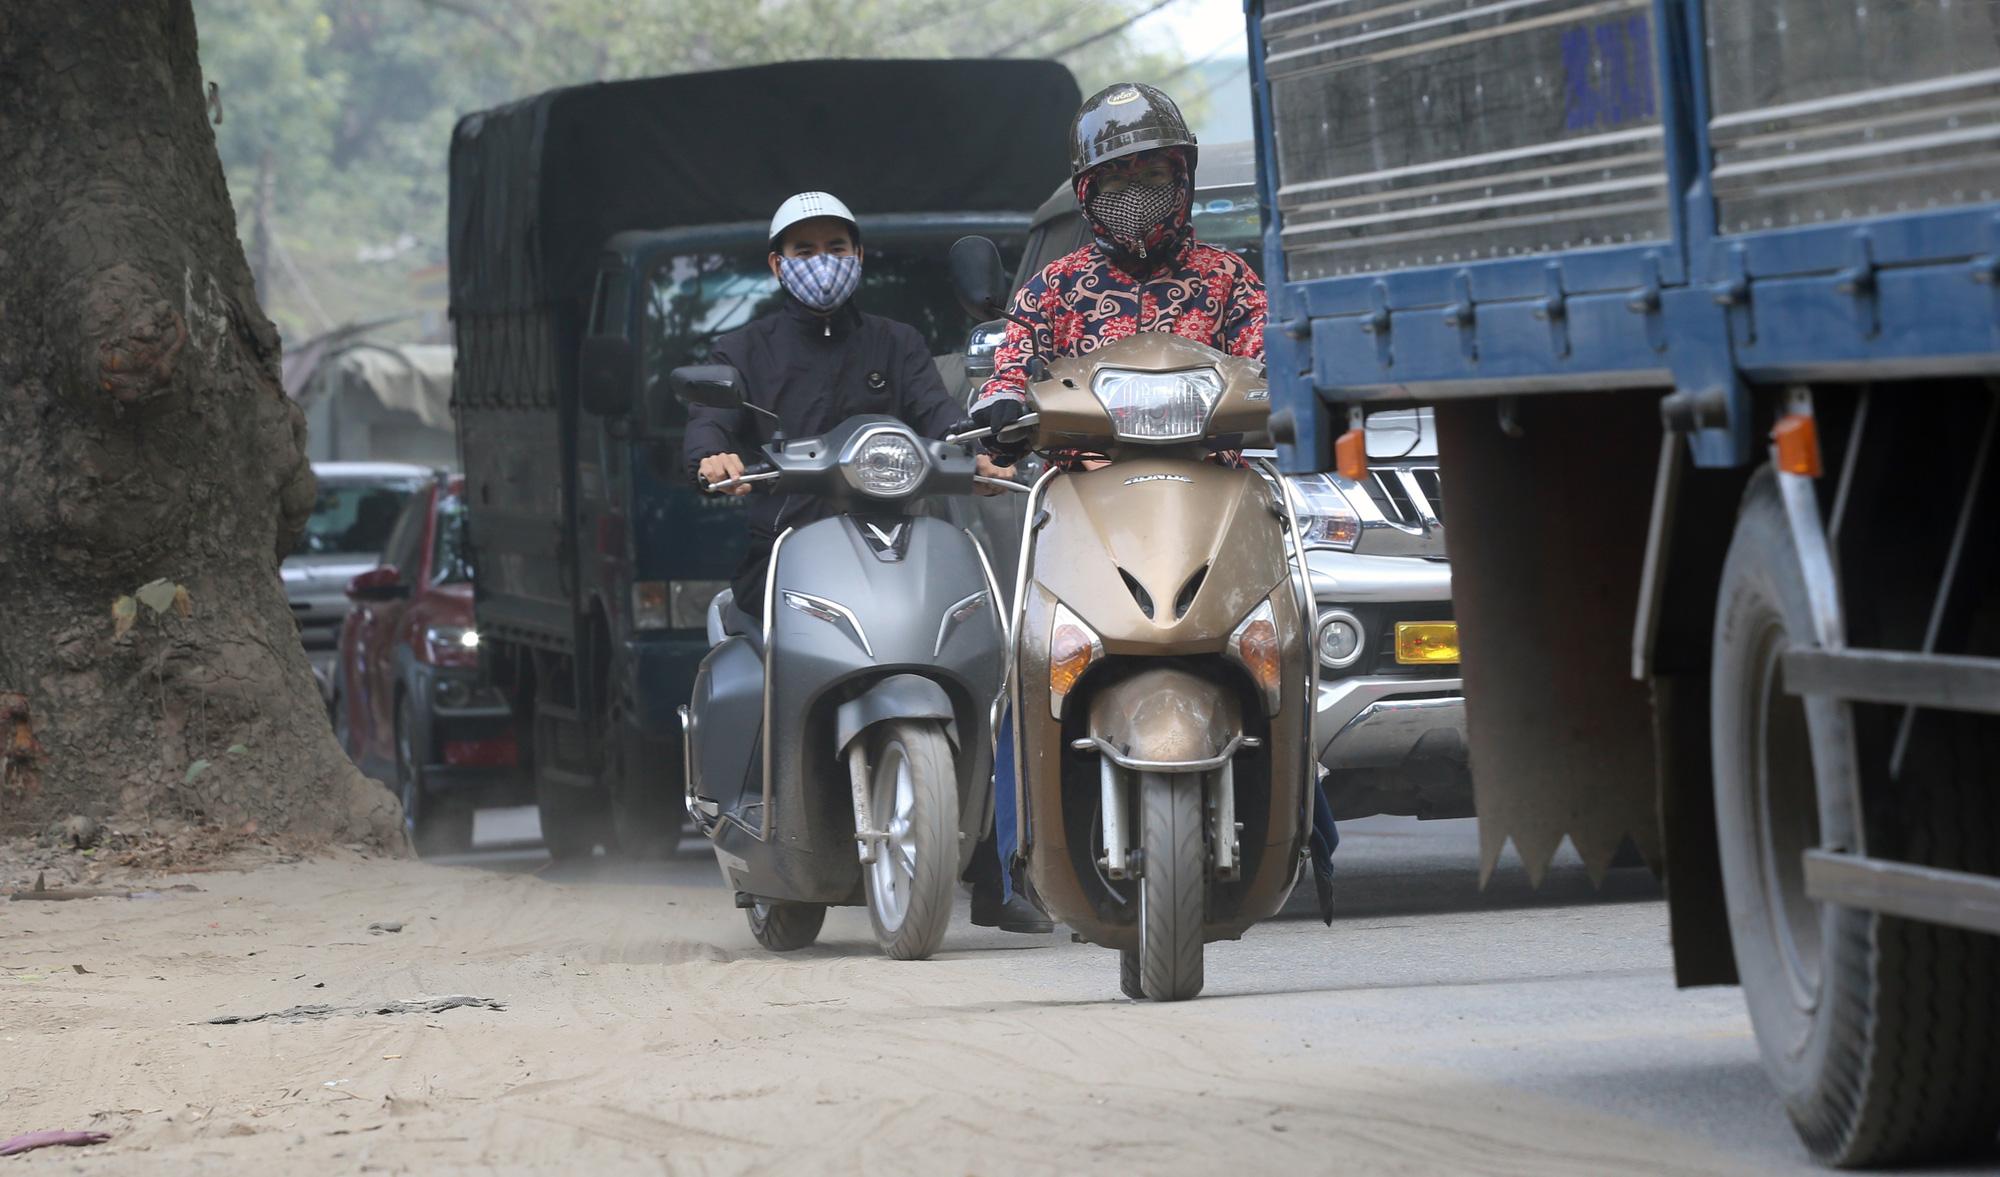 Hà Nội ô nhiễm không khí, người dân thêm khổ khi hít bụi mù mịt trên đường 70 đoạn Nhổn - Hà Đông - Ảnh 13.